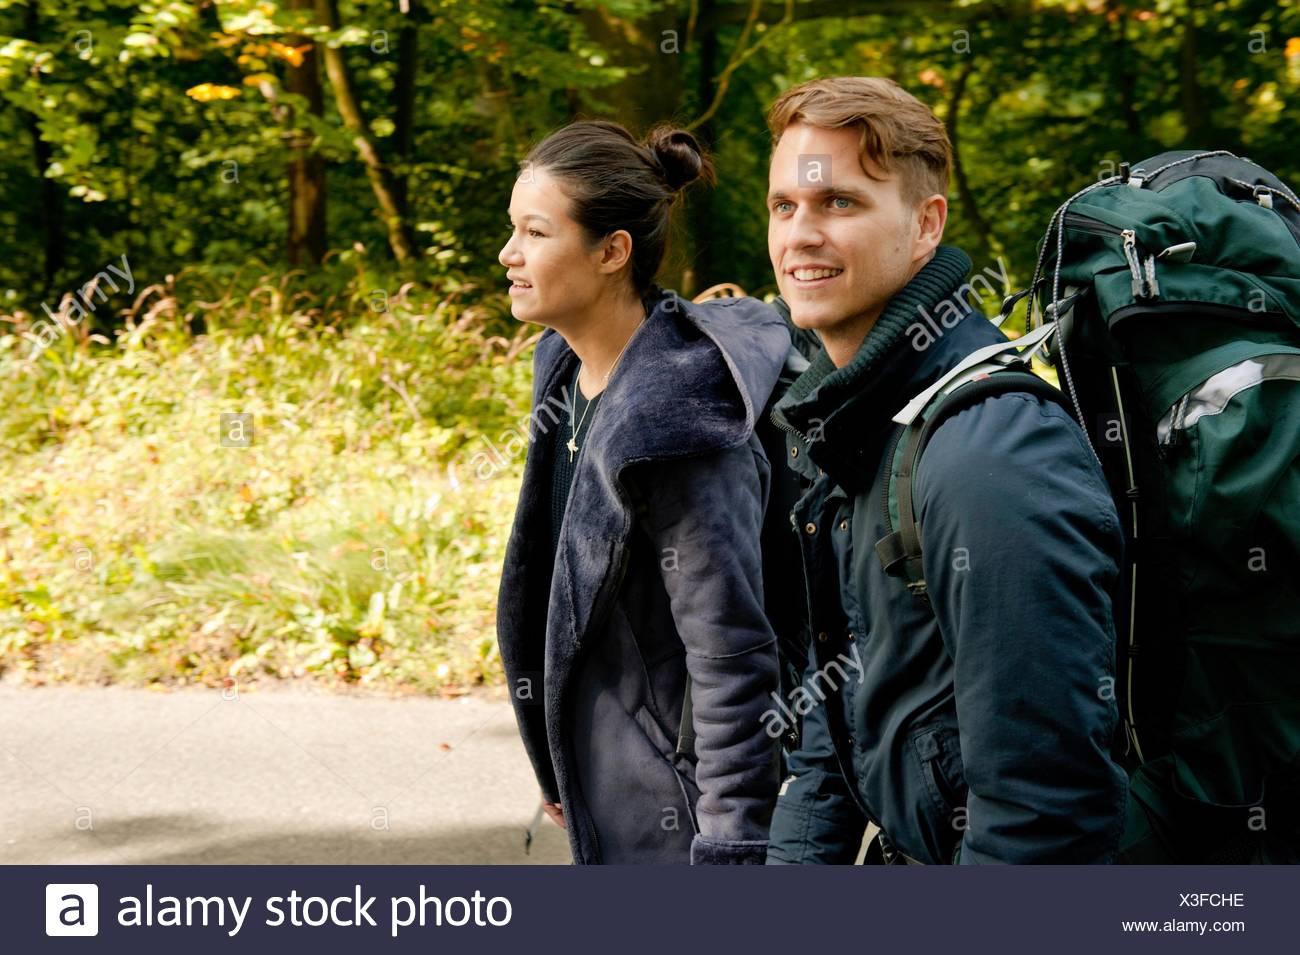 Coppia giovane escursionismo su strada rurale Immagini Stock